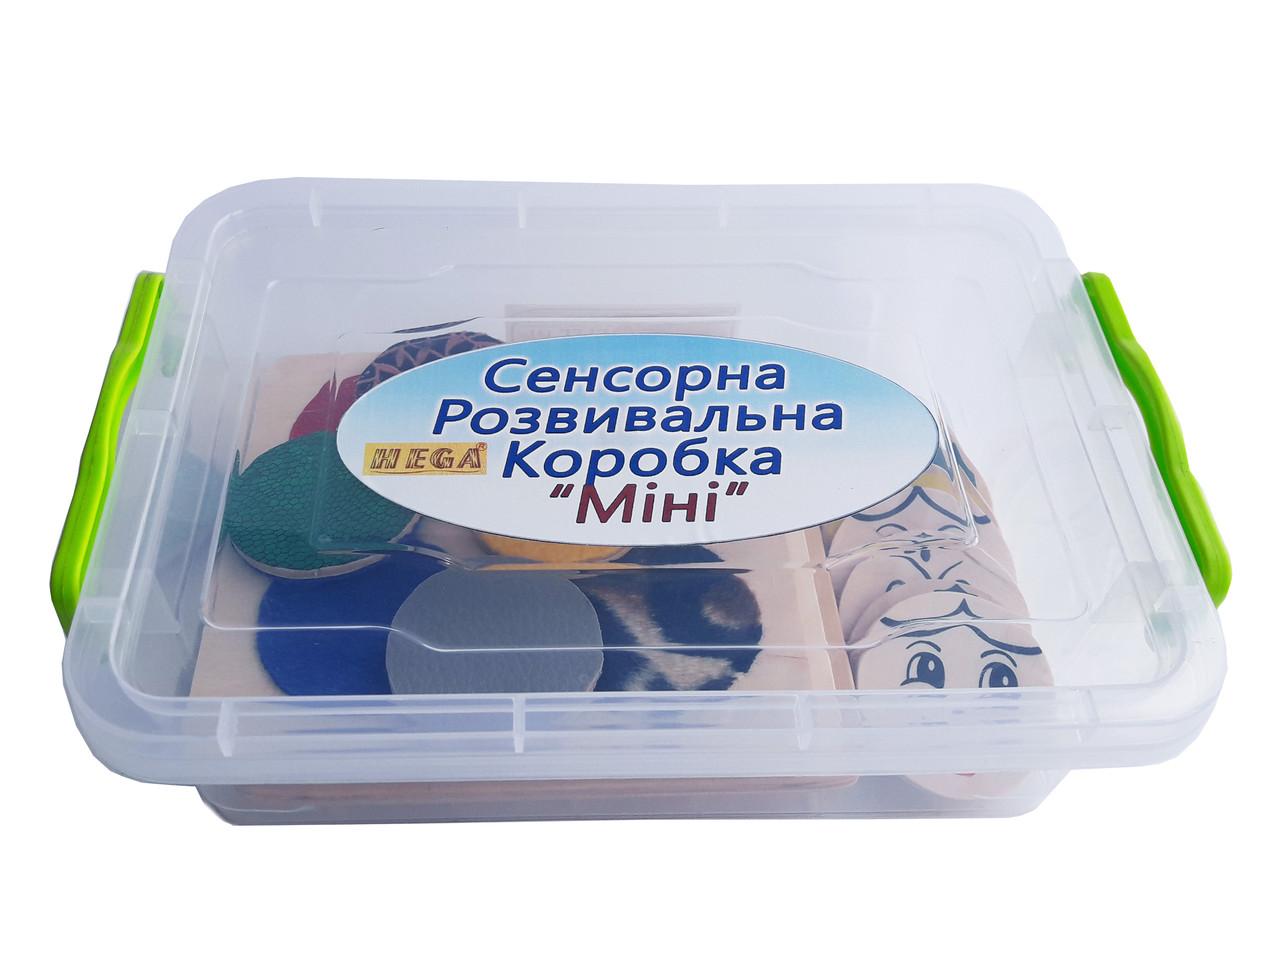 Сенсорна розвивальна коробка Міні Hega (249)